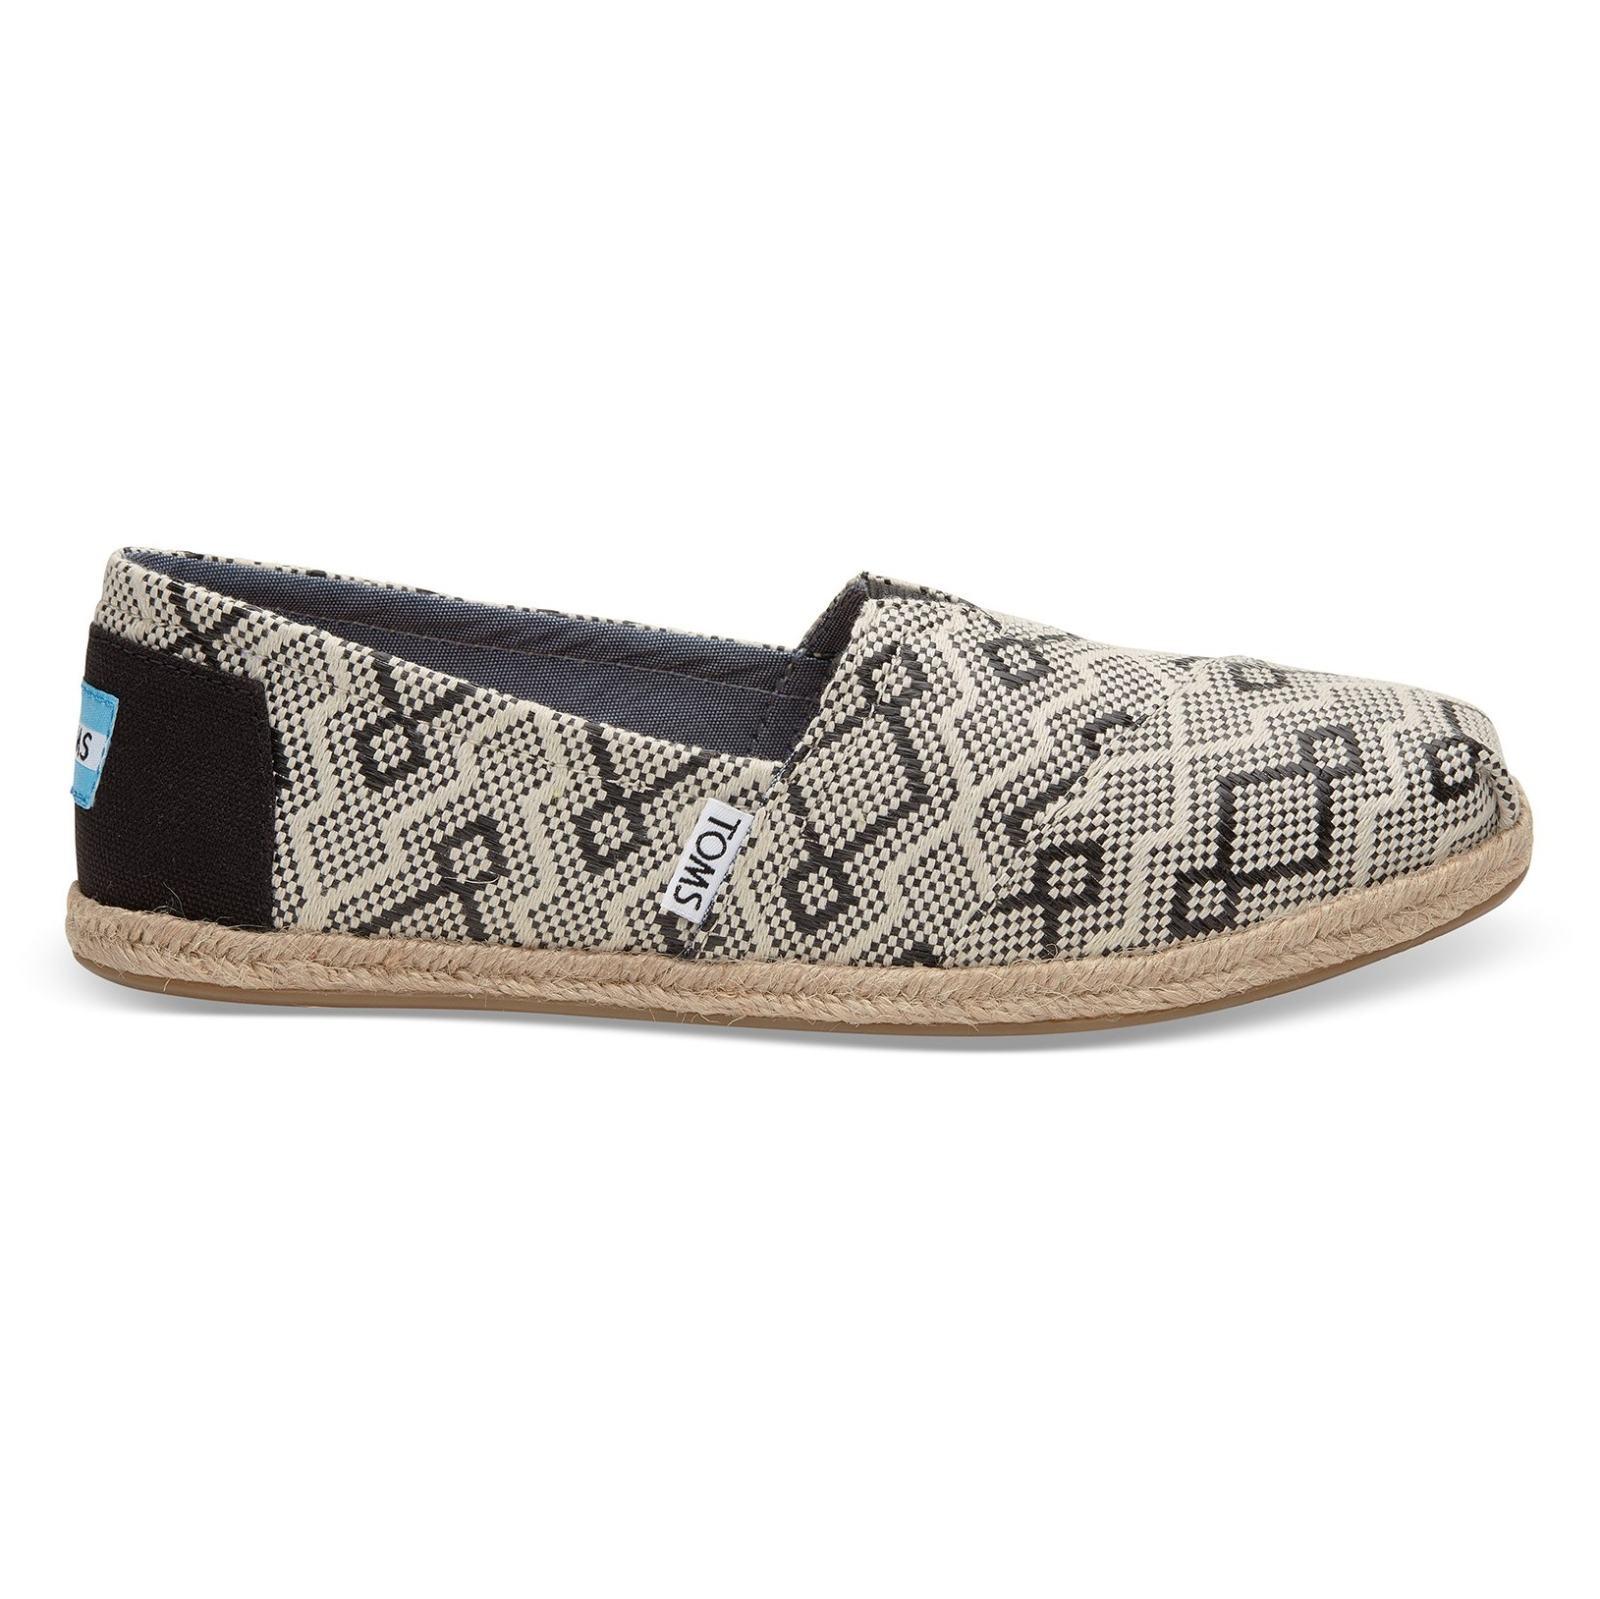 کفش تخت پارچه ای زنانه - تامز - کرم و مشکي  - 1